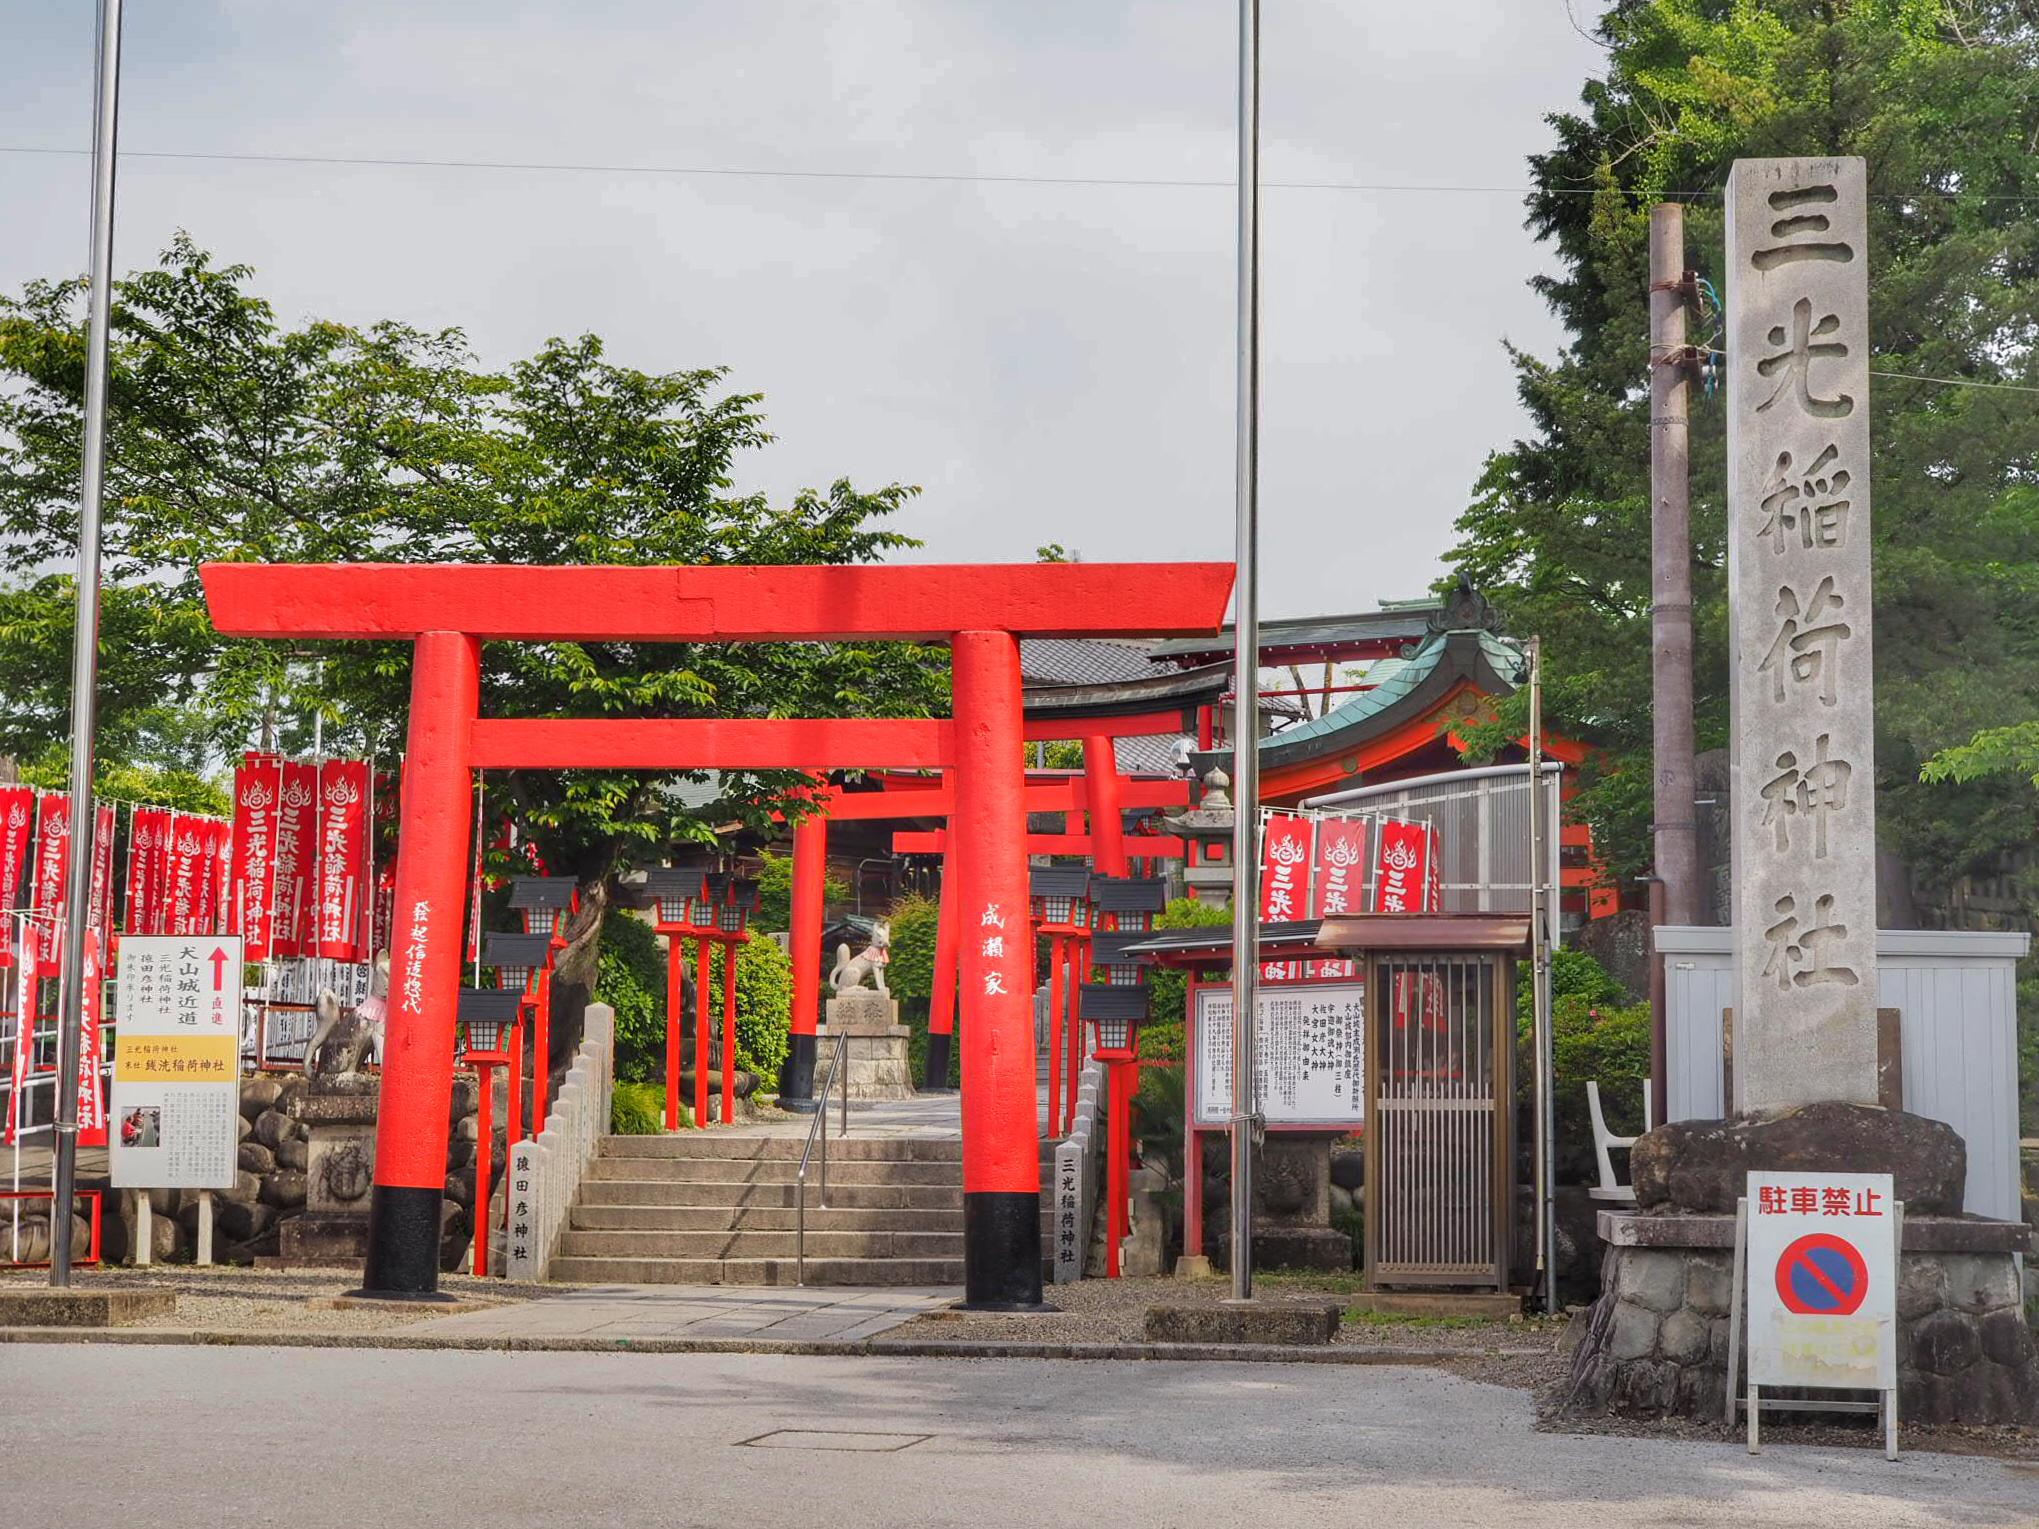 【愛知県】三光稲荷神社